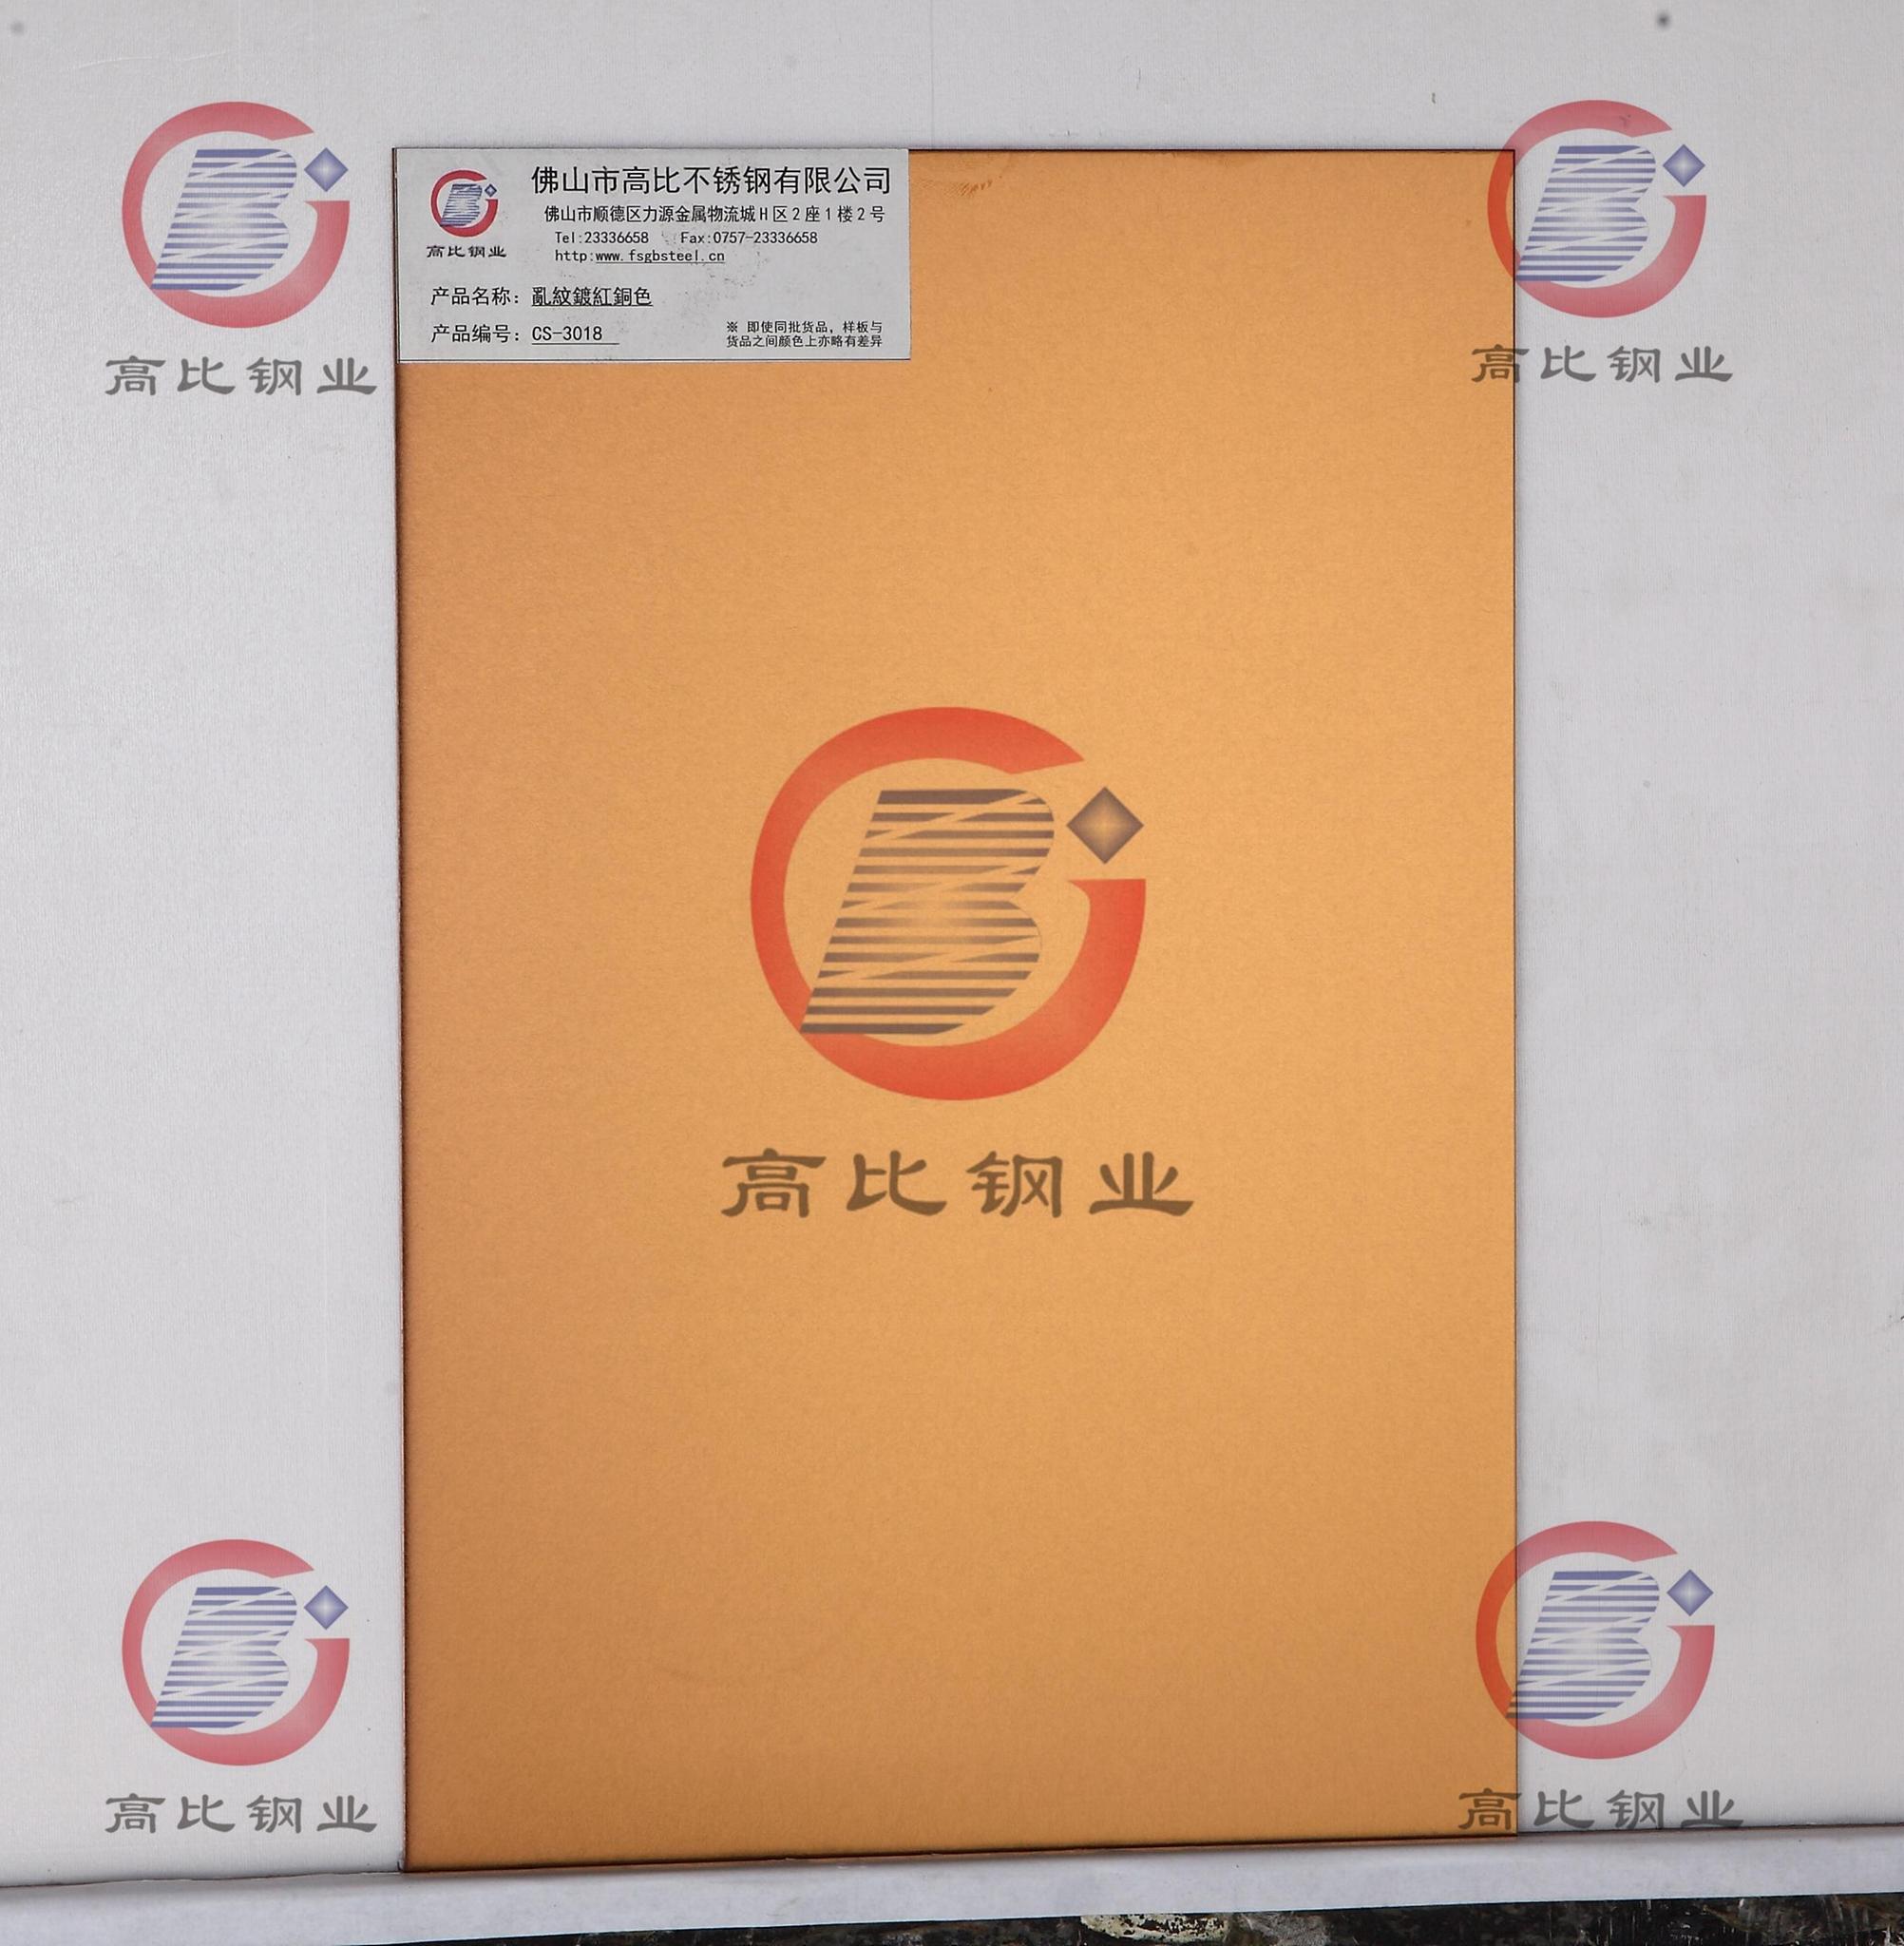 CS-3018 乱纹镀红铜不锈钢板 高比电梯金属制品材料 1